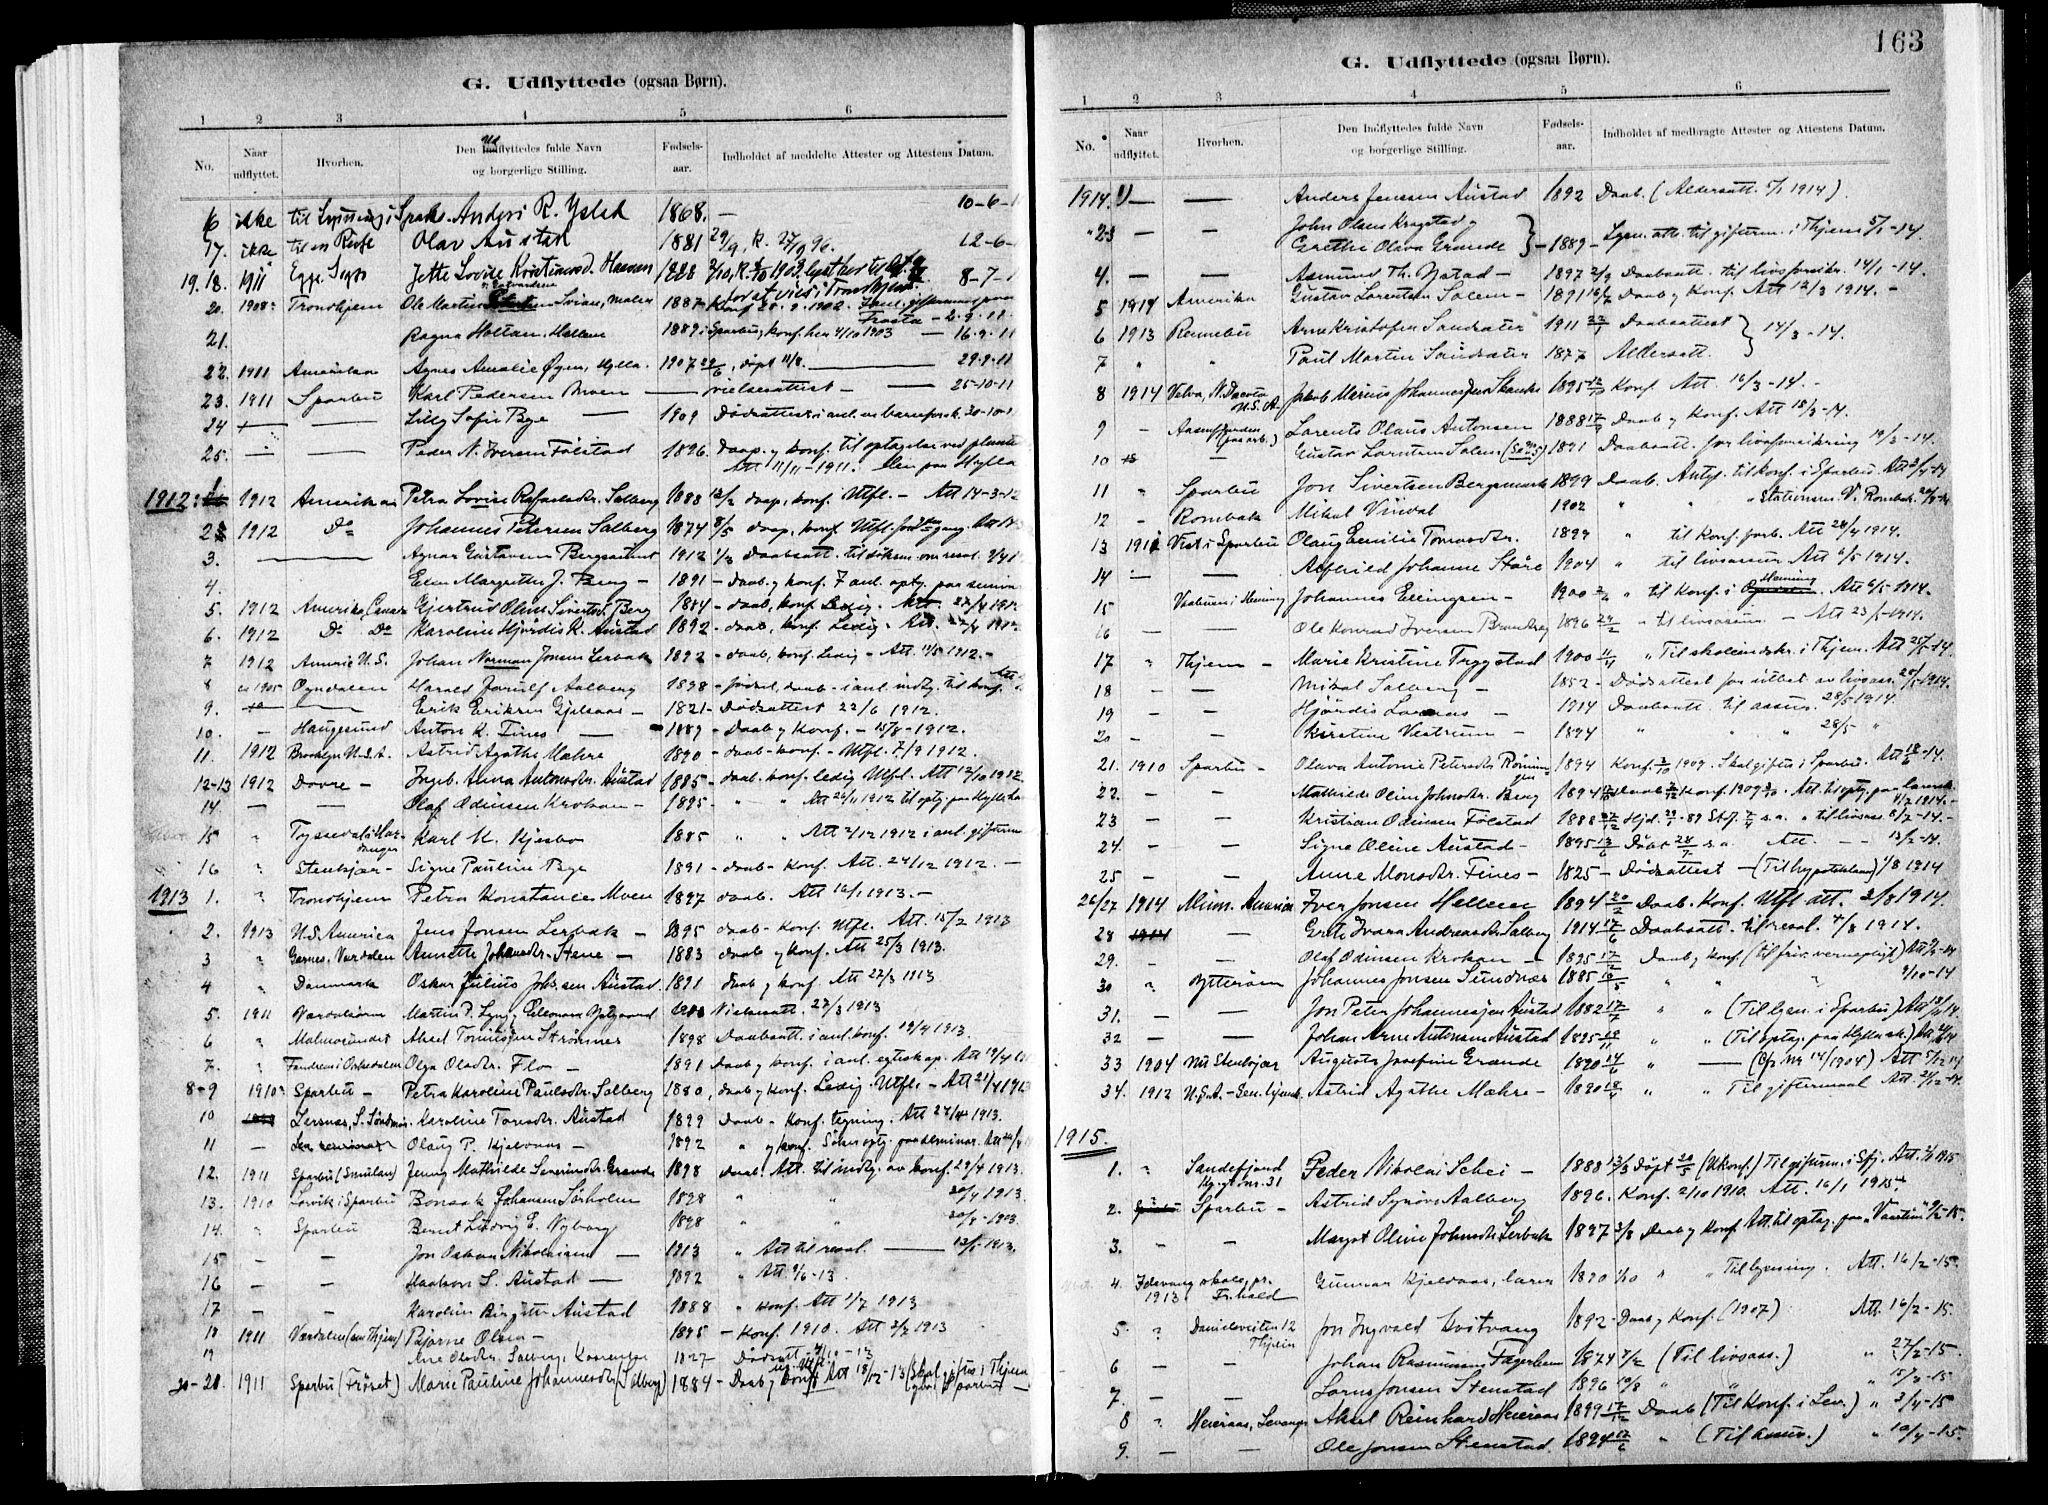 SAT, Ministerialprotokoller, klokkerbøker og fødselsregistre - Nord-Trøndelag, 731/L0309: Ministerialbok nr. 731A01, 1879-1918, s. 163